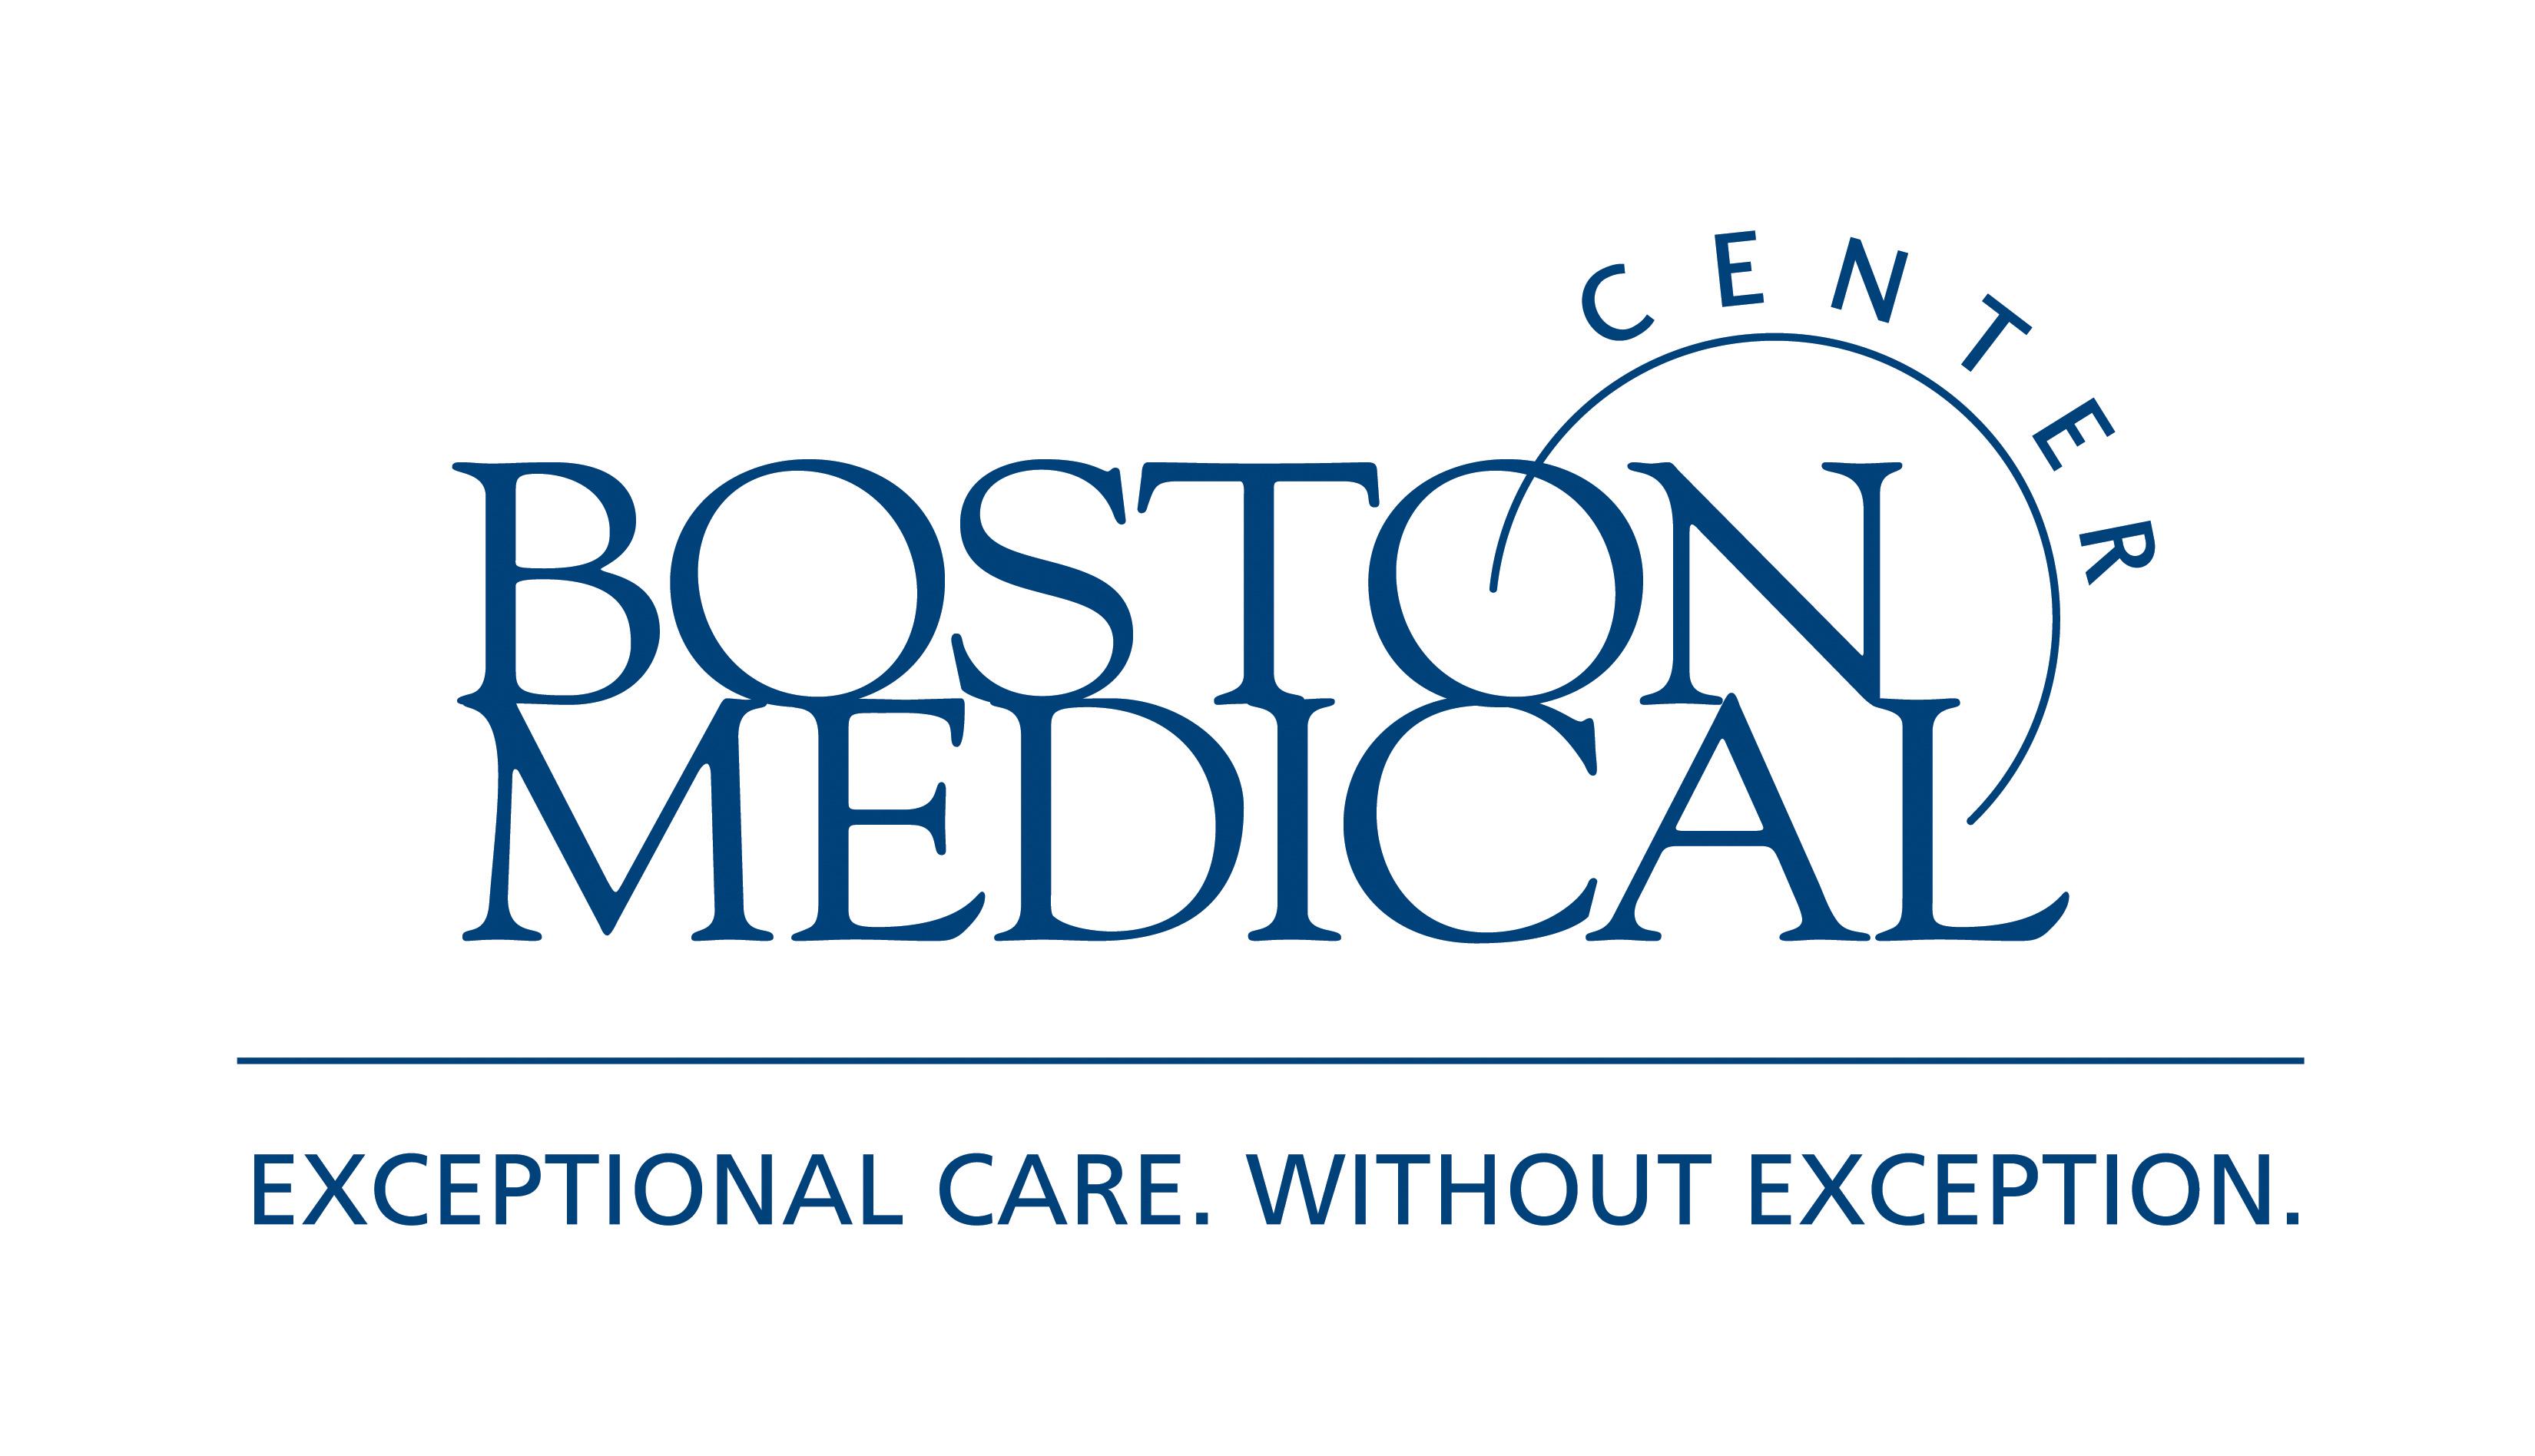 Boston Medical Center Hastalarını OneHealth ile Takip Ediyor